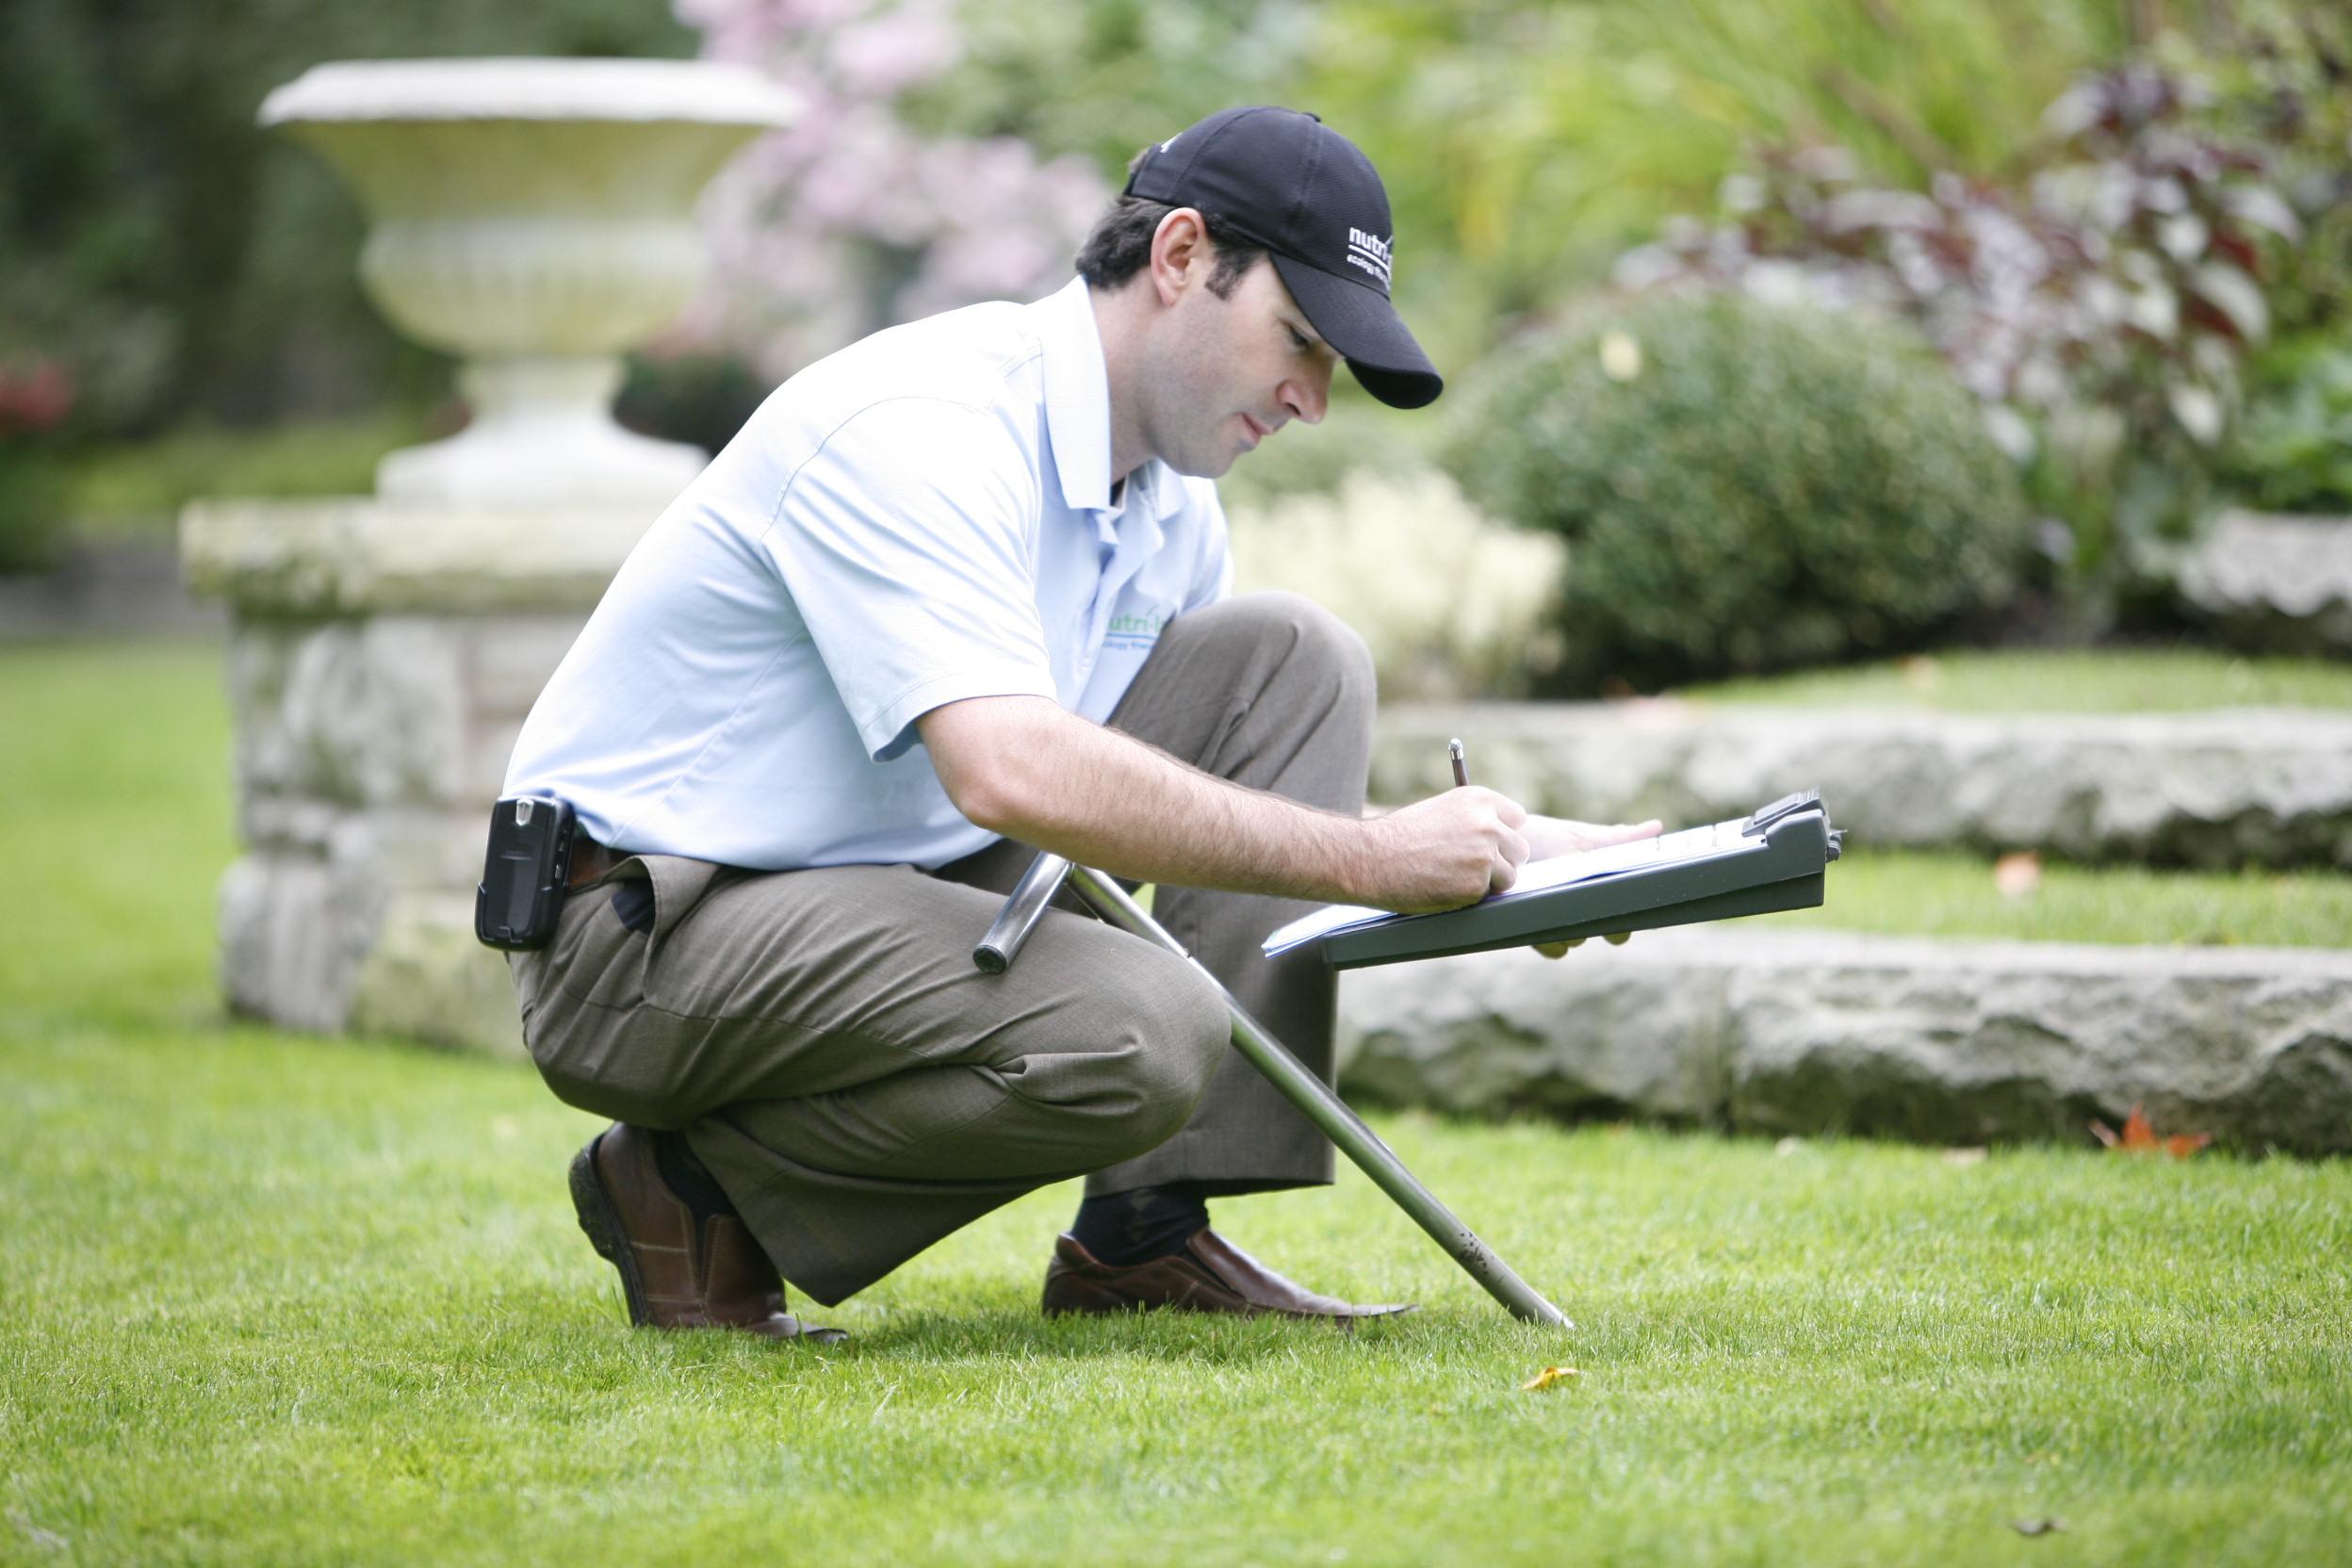 Shawn Karn, The Grass Expert